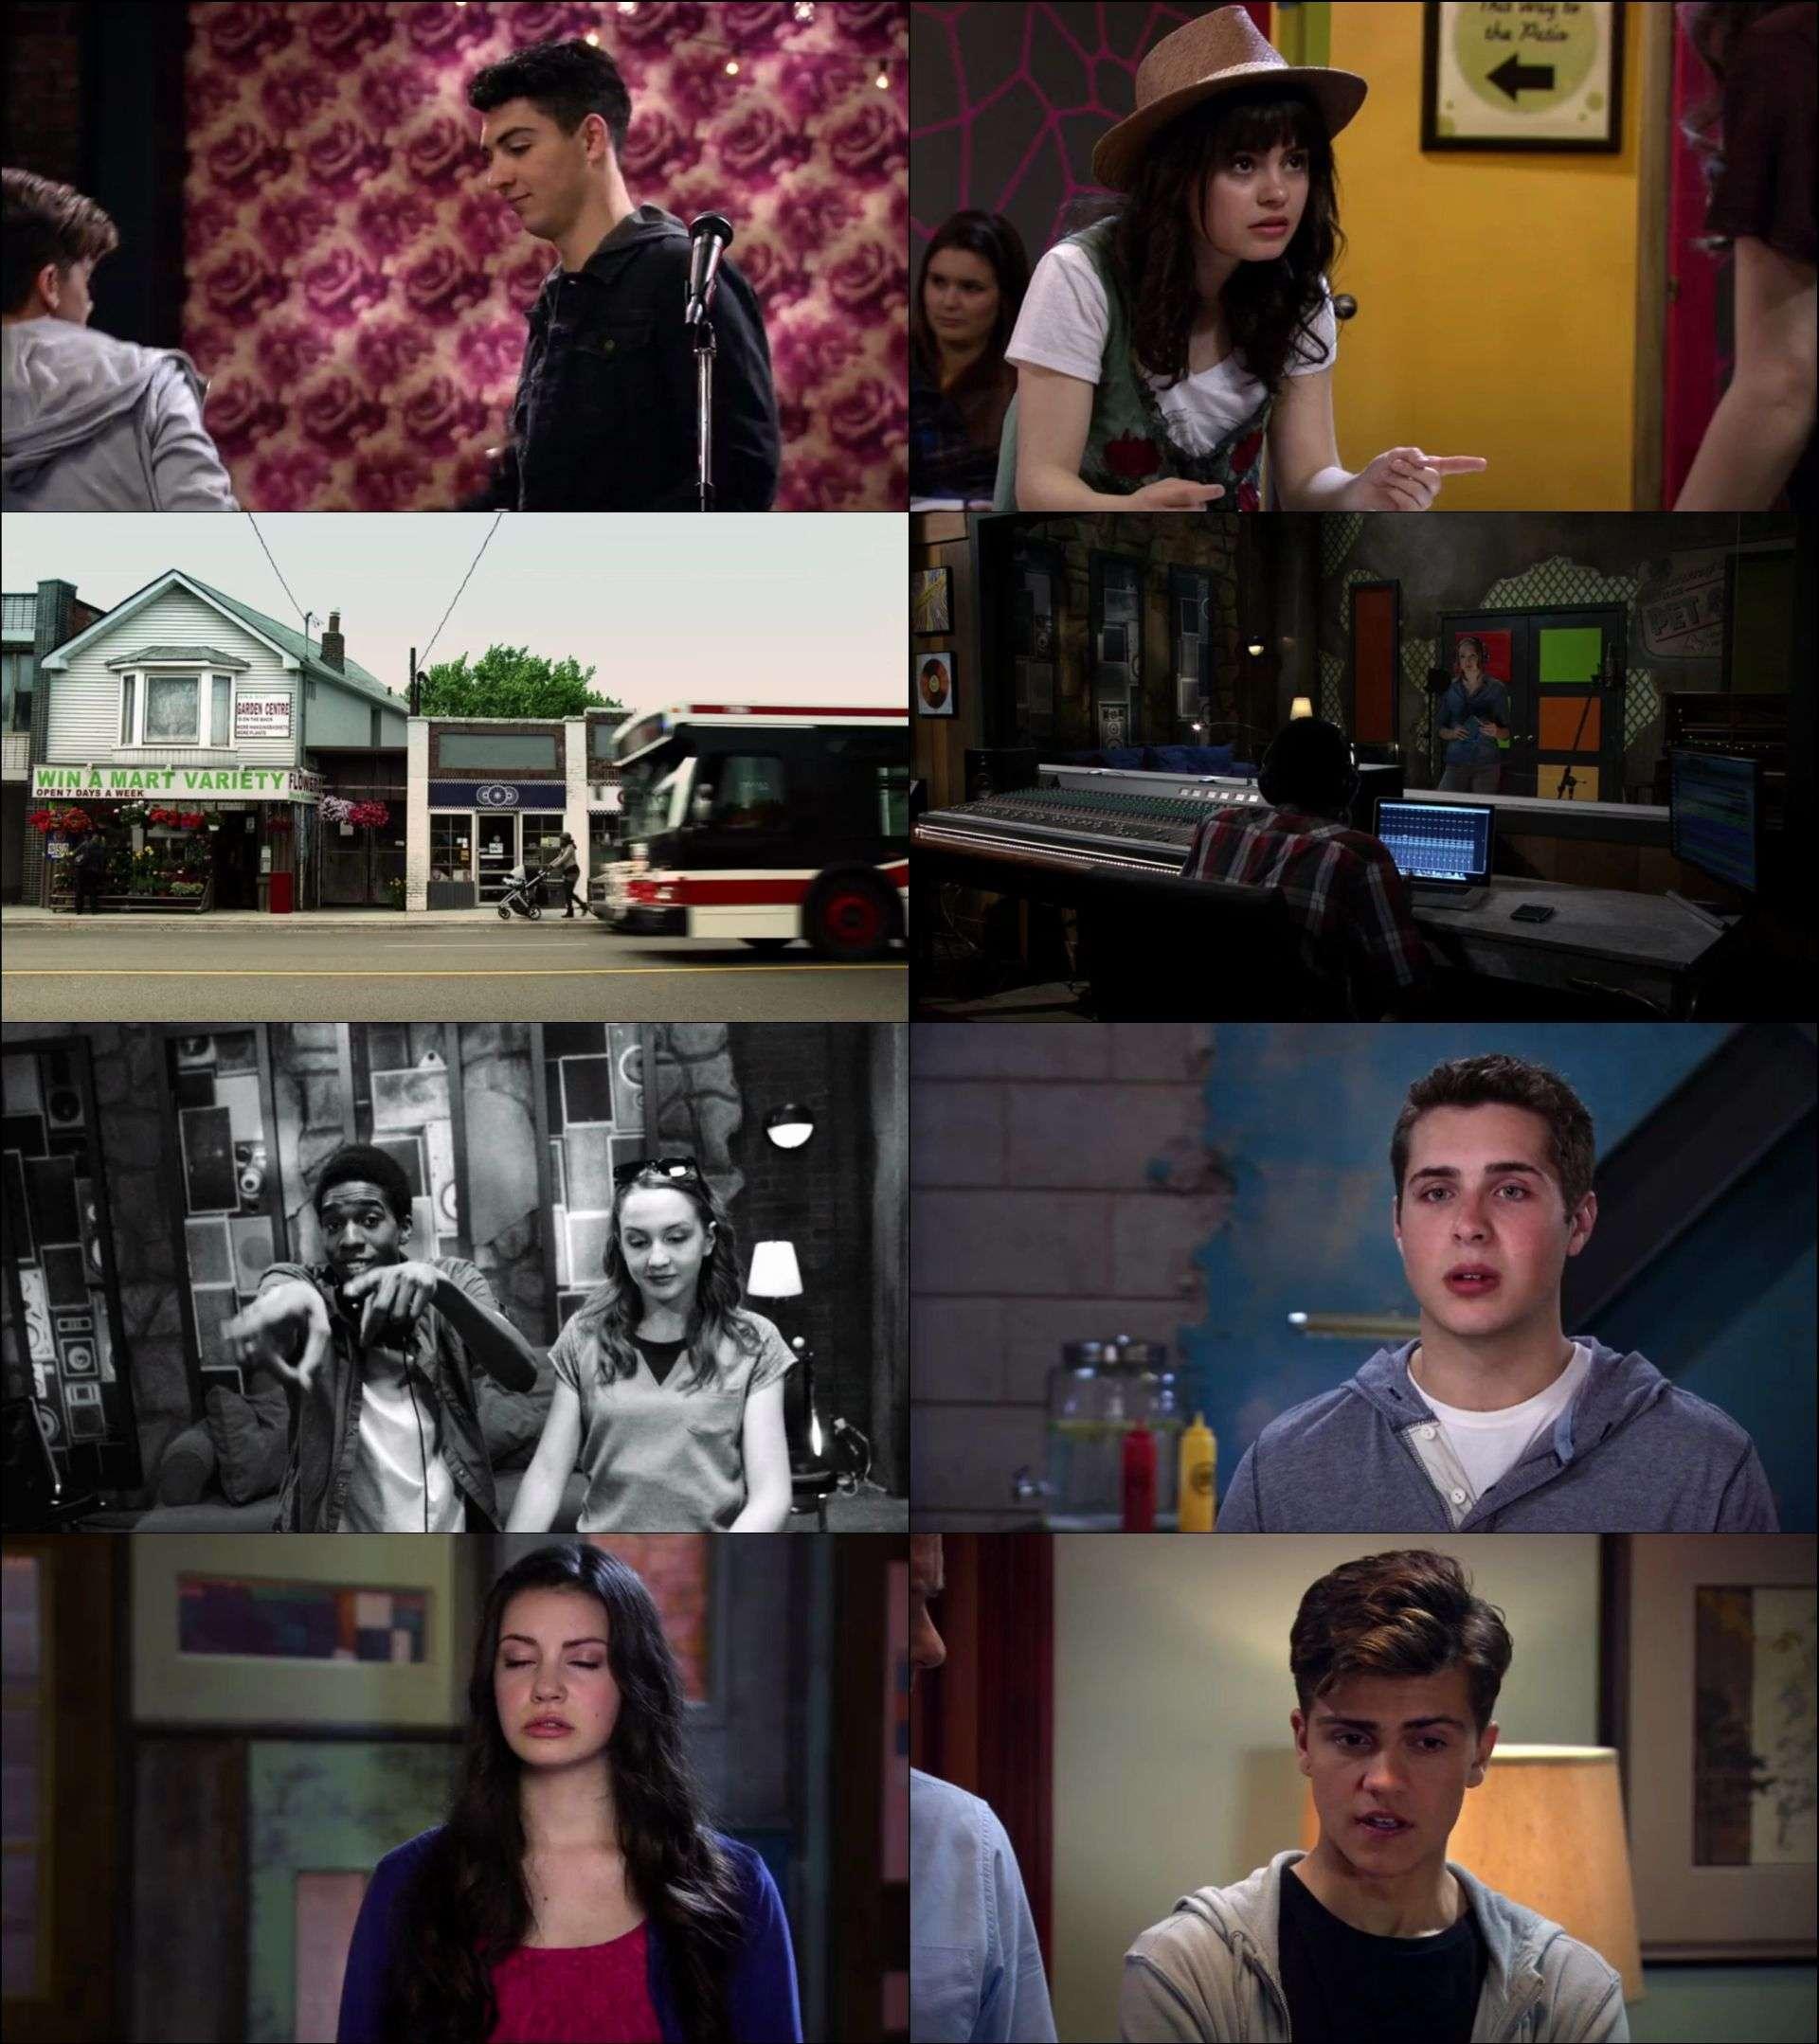 Lost and Found Music Studio (2015) Yabancı dizi 1. Sezon Tüm Bölümler Türkçe dublaj indir